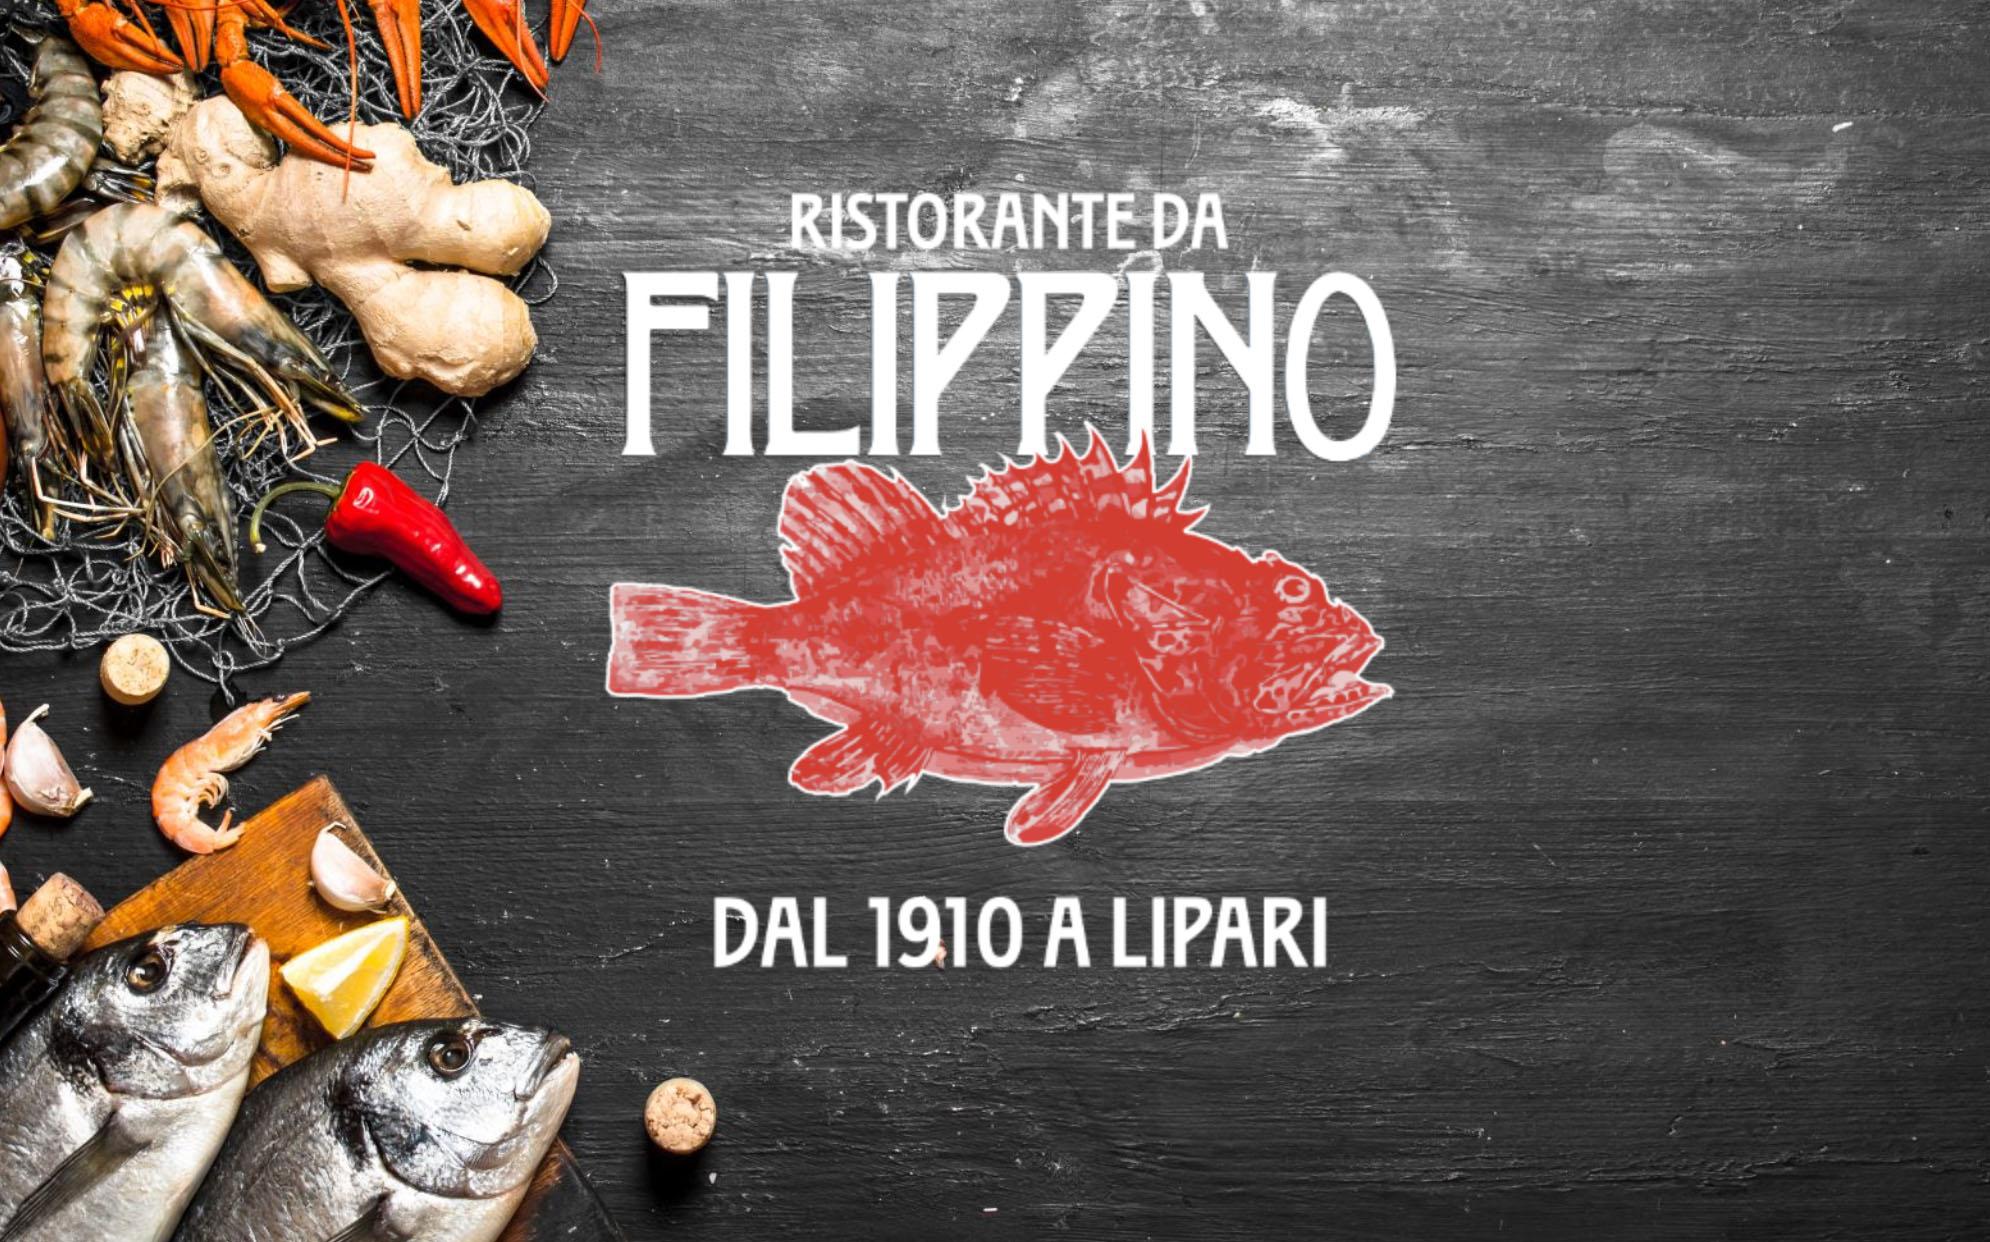 ristorante-filippino-lipari-sail-sterling